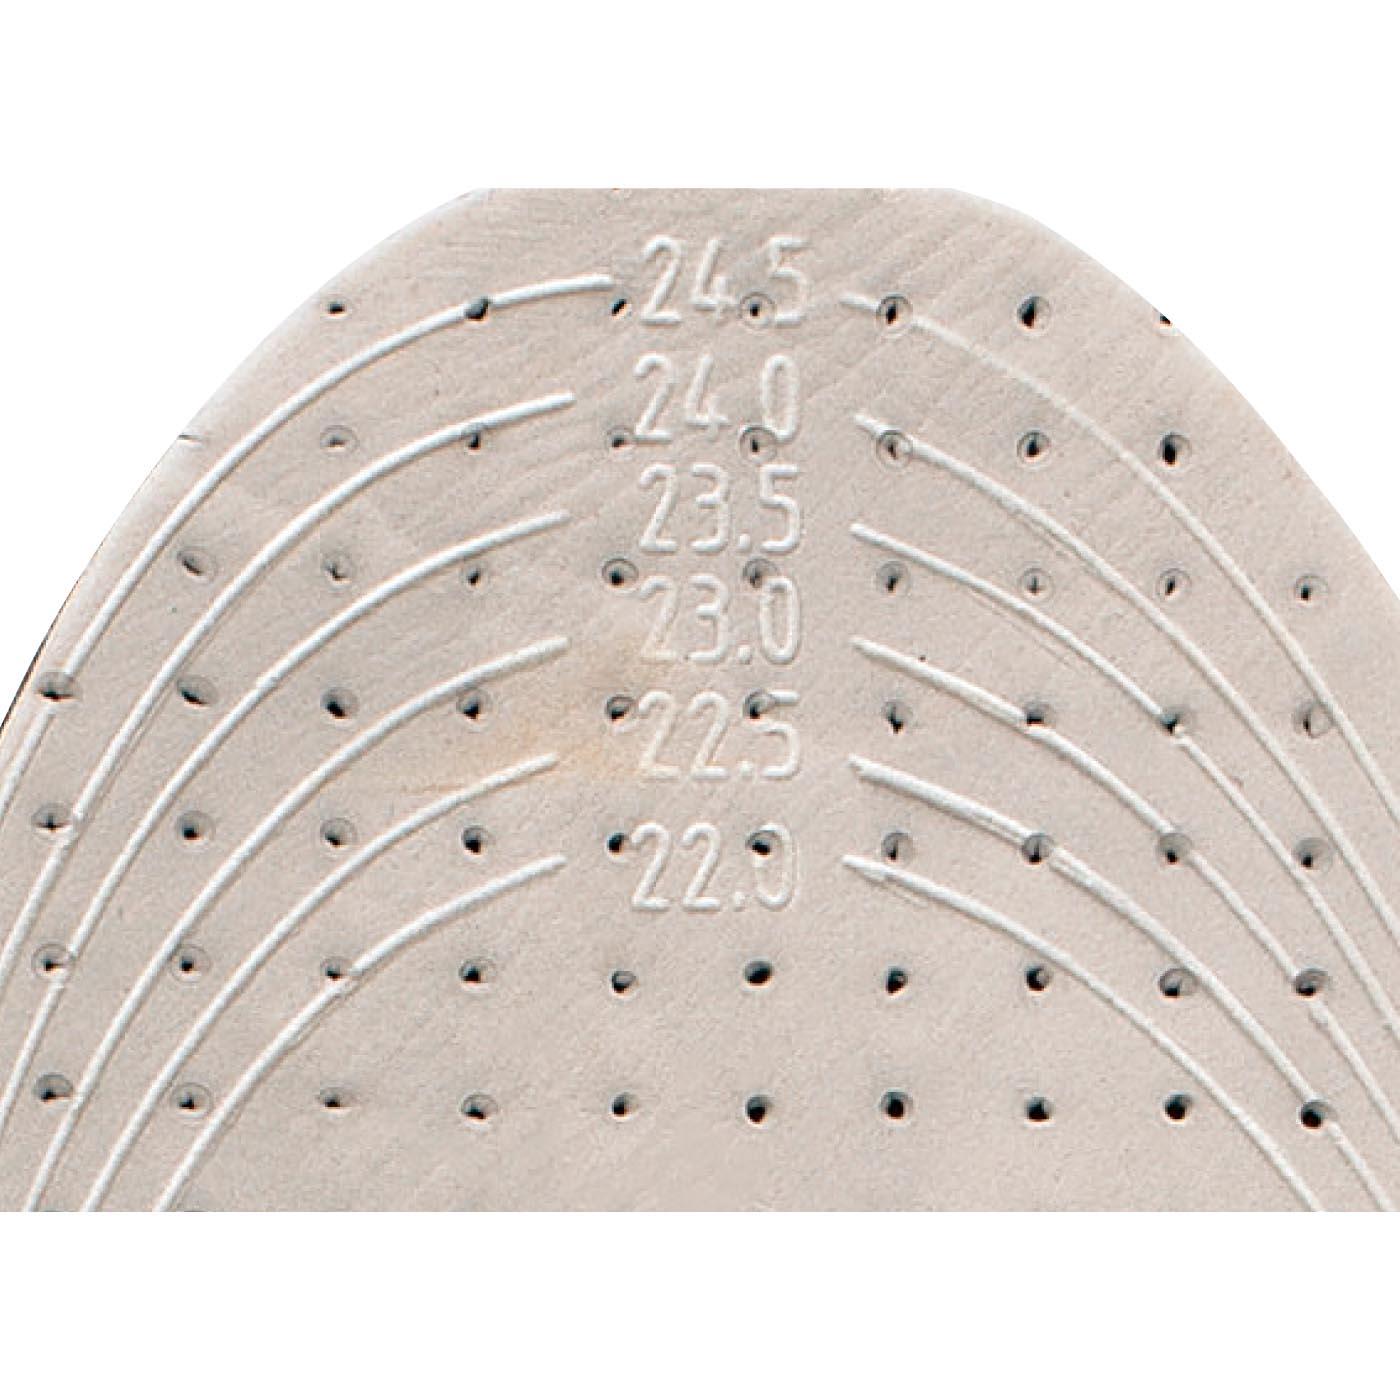 サイズに合わせてカットできる立体カット線付き。